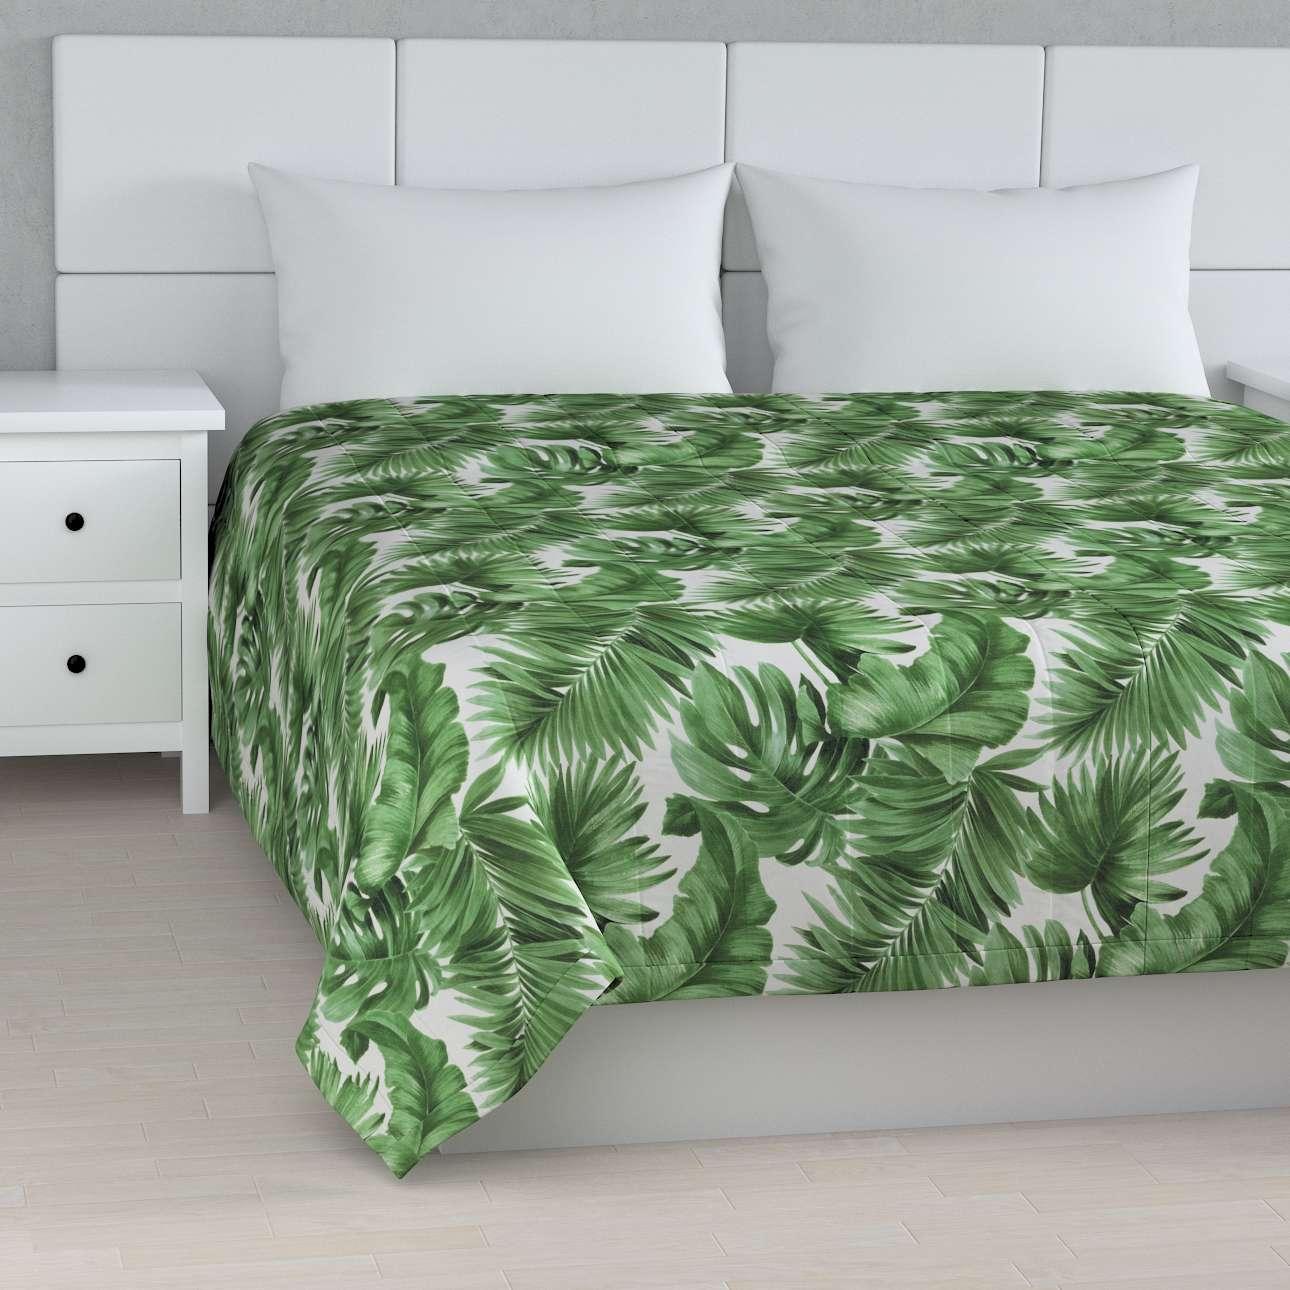 Prehoz na posteľ jednoduchý V kolekcii Urban Jungle, tkanina: 141-71